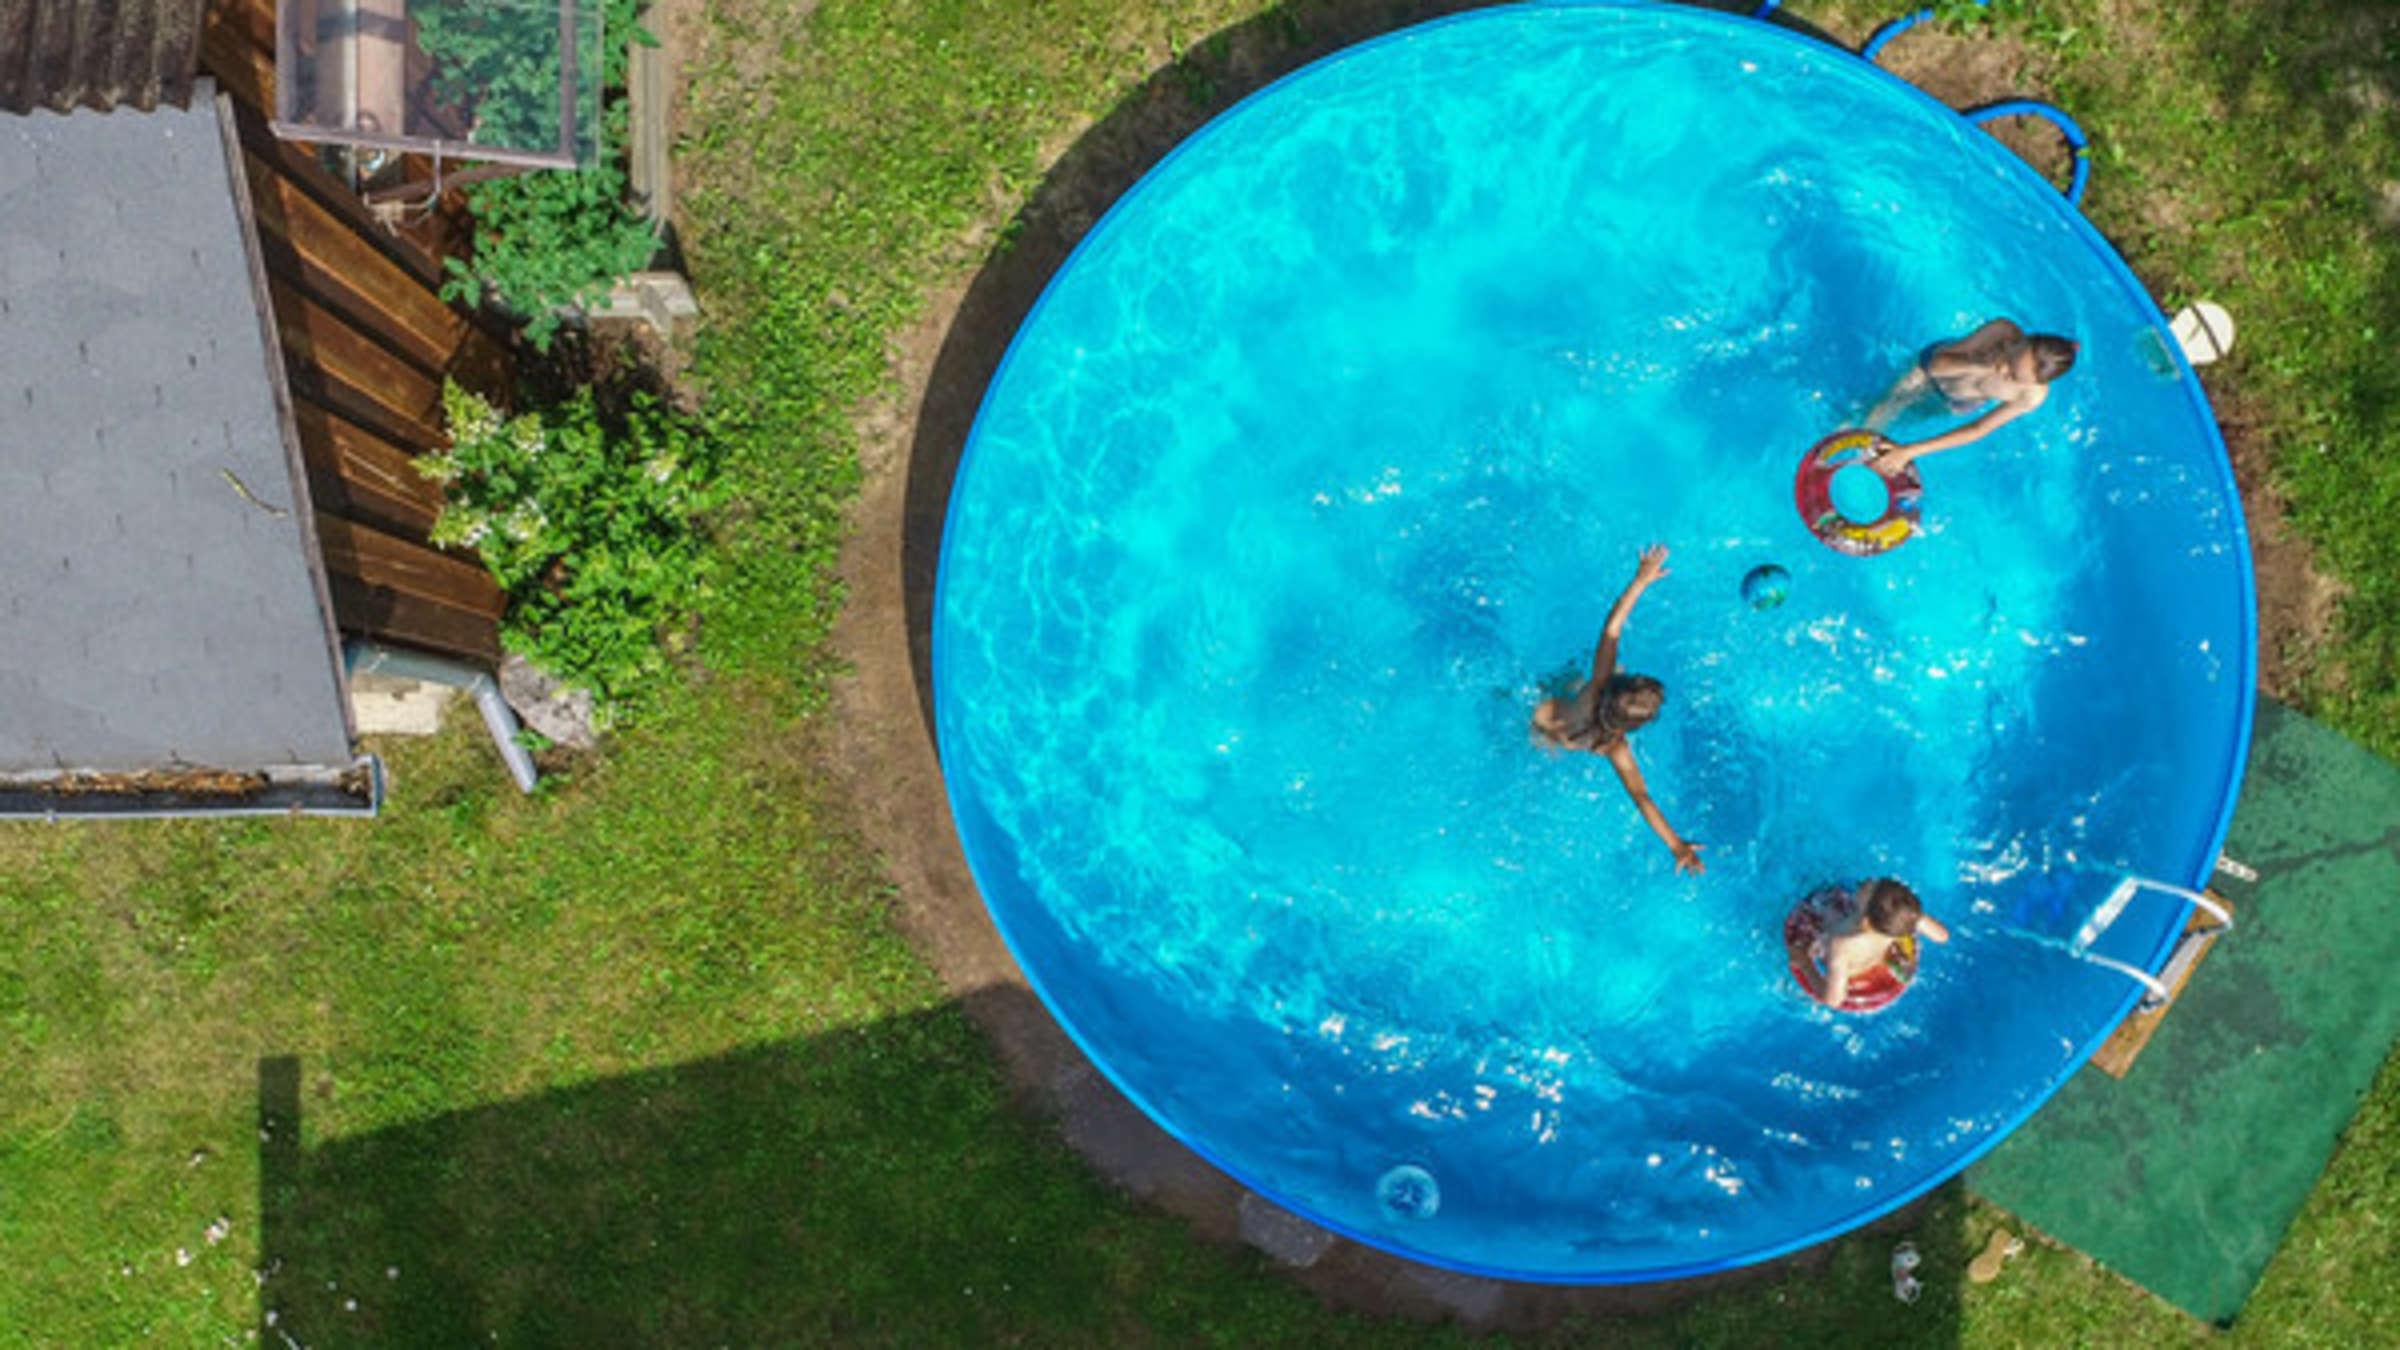 Full Size of Pool Check Fr Amazon Betten Günstig Kaufen Loungemöbel Garten Spielhaus Kunststoff Sauna Holz Regal Mastleuchten Liegestuhl überdachung Bett Hamburg Garten Garten Pool Guenstig Kaufen